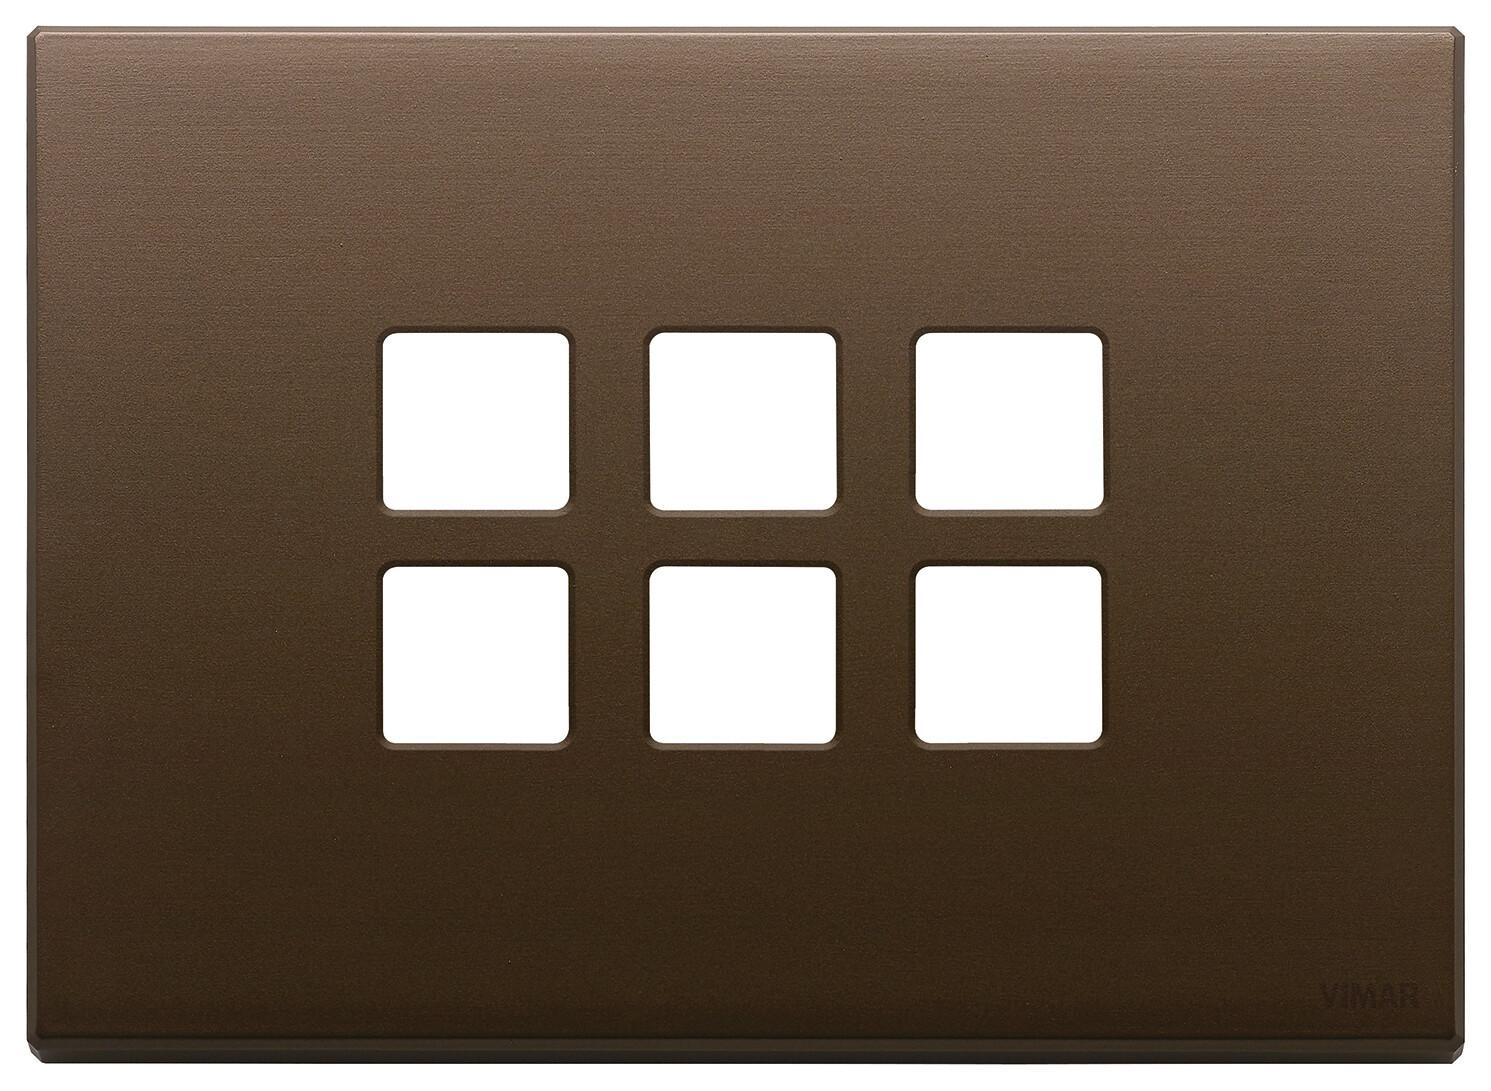 Накладка плоская, 3 мод на 6 кн., темная бронза